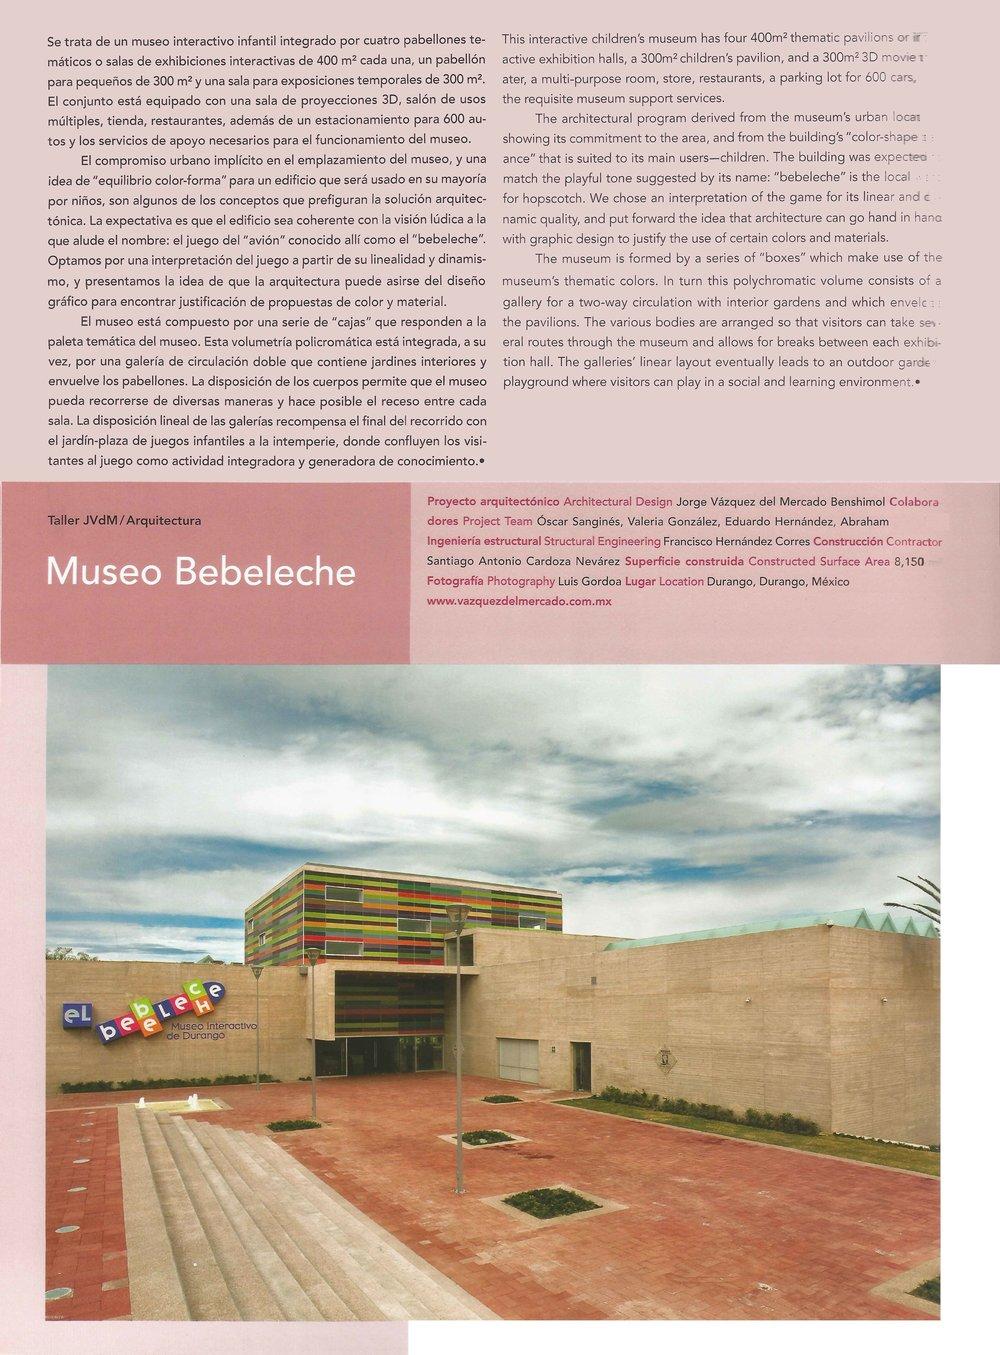 Arq Mexicana 2.jpg